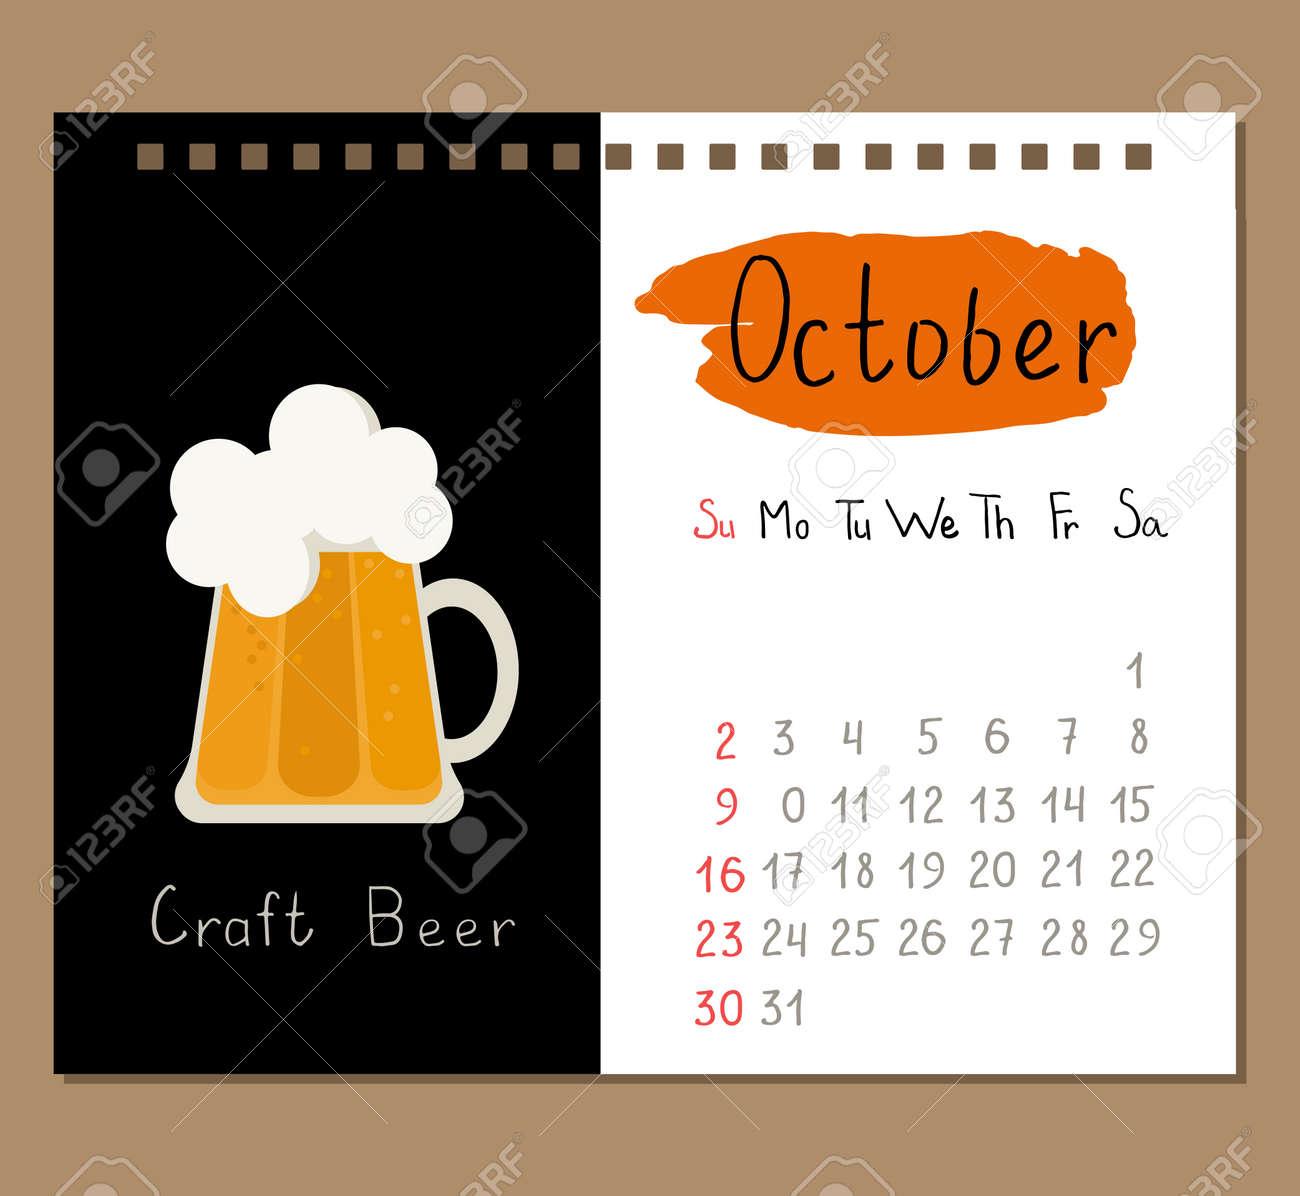 Plantilla De Página De Calendario Para El Mes De Octubre Con La ...